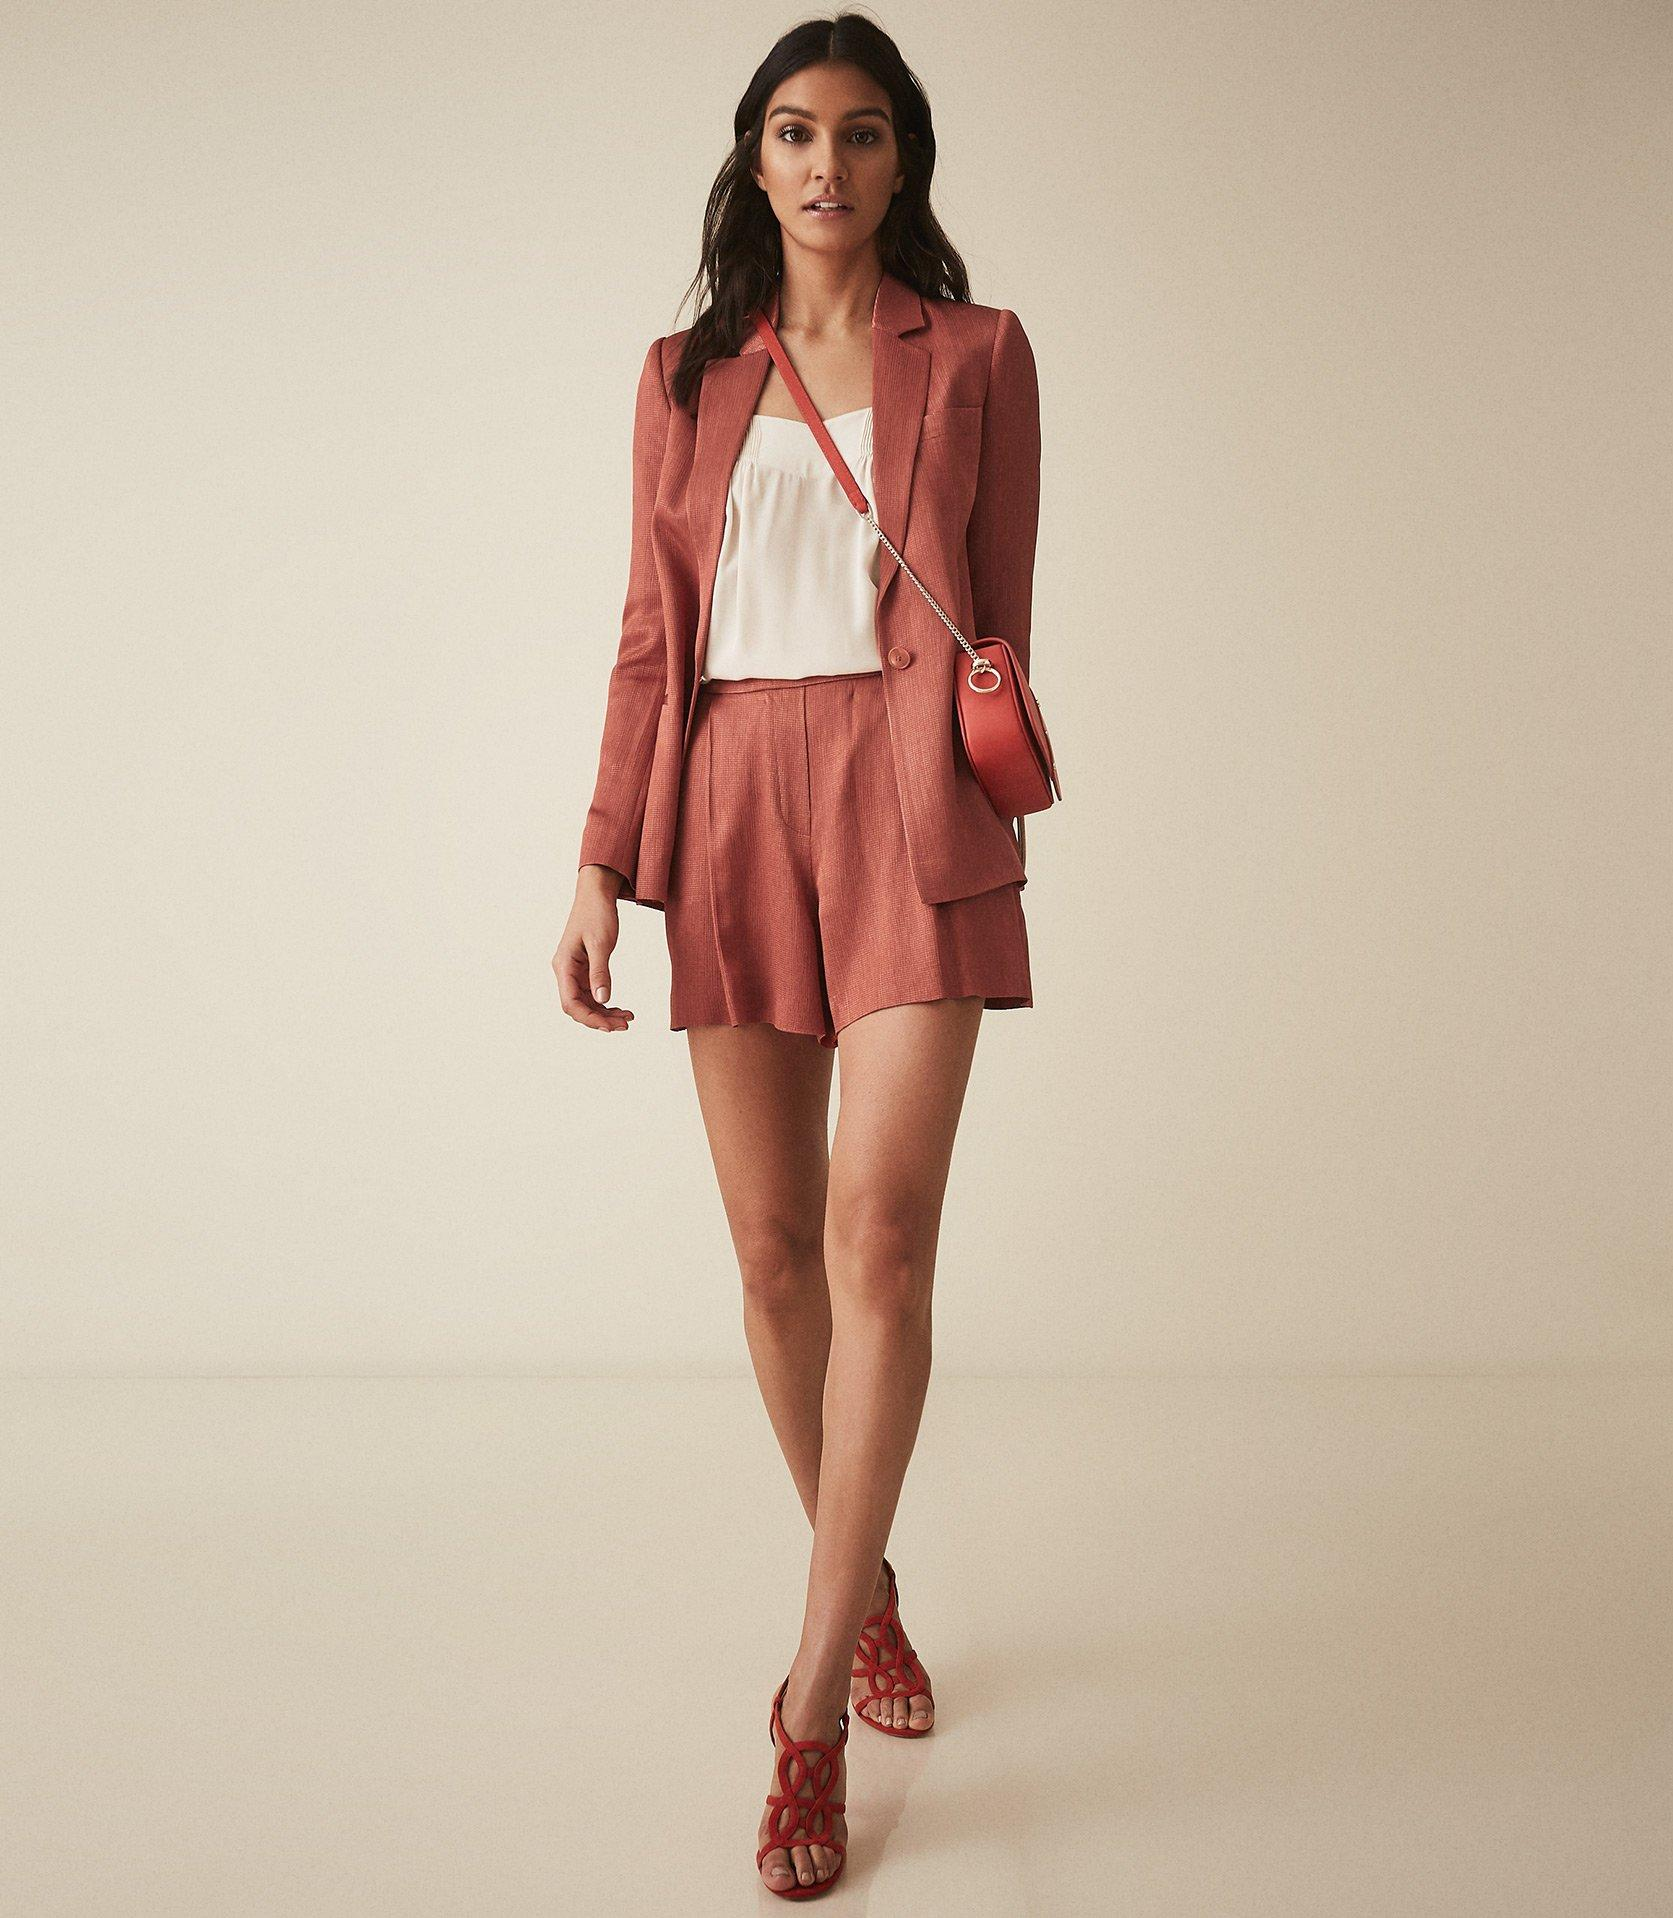 57f0b425a778b Reiss - Ayla Jacket - Textured Blazer - Lyst. View fullscreen